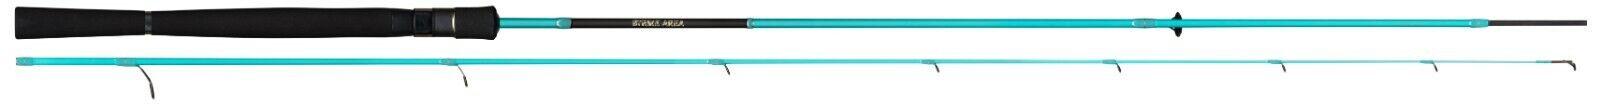 FTM strike area 1,78 2tlg 0,5-3g M spoonrute Ultra Light Trout Fishing